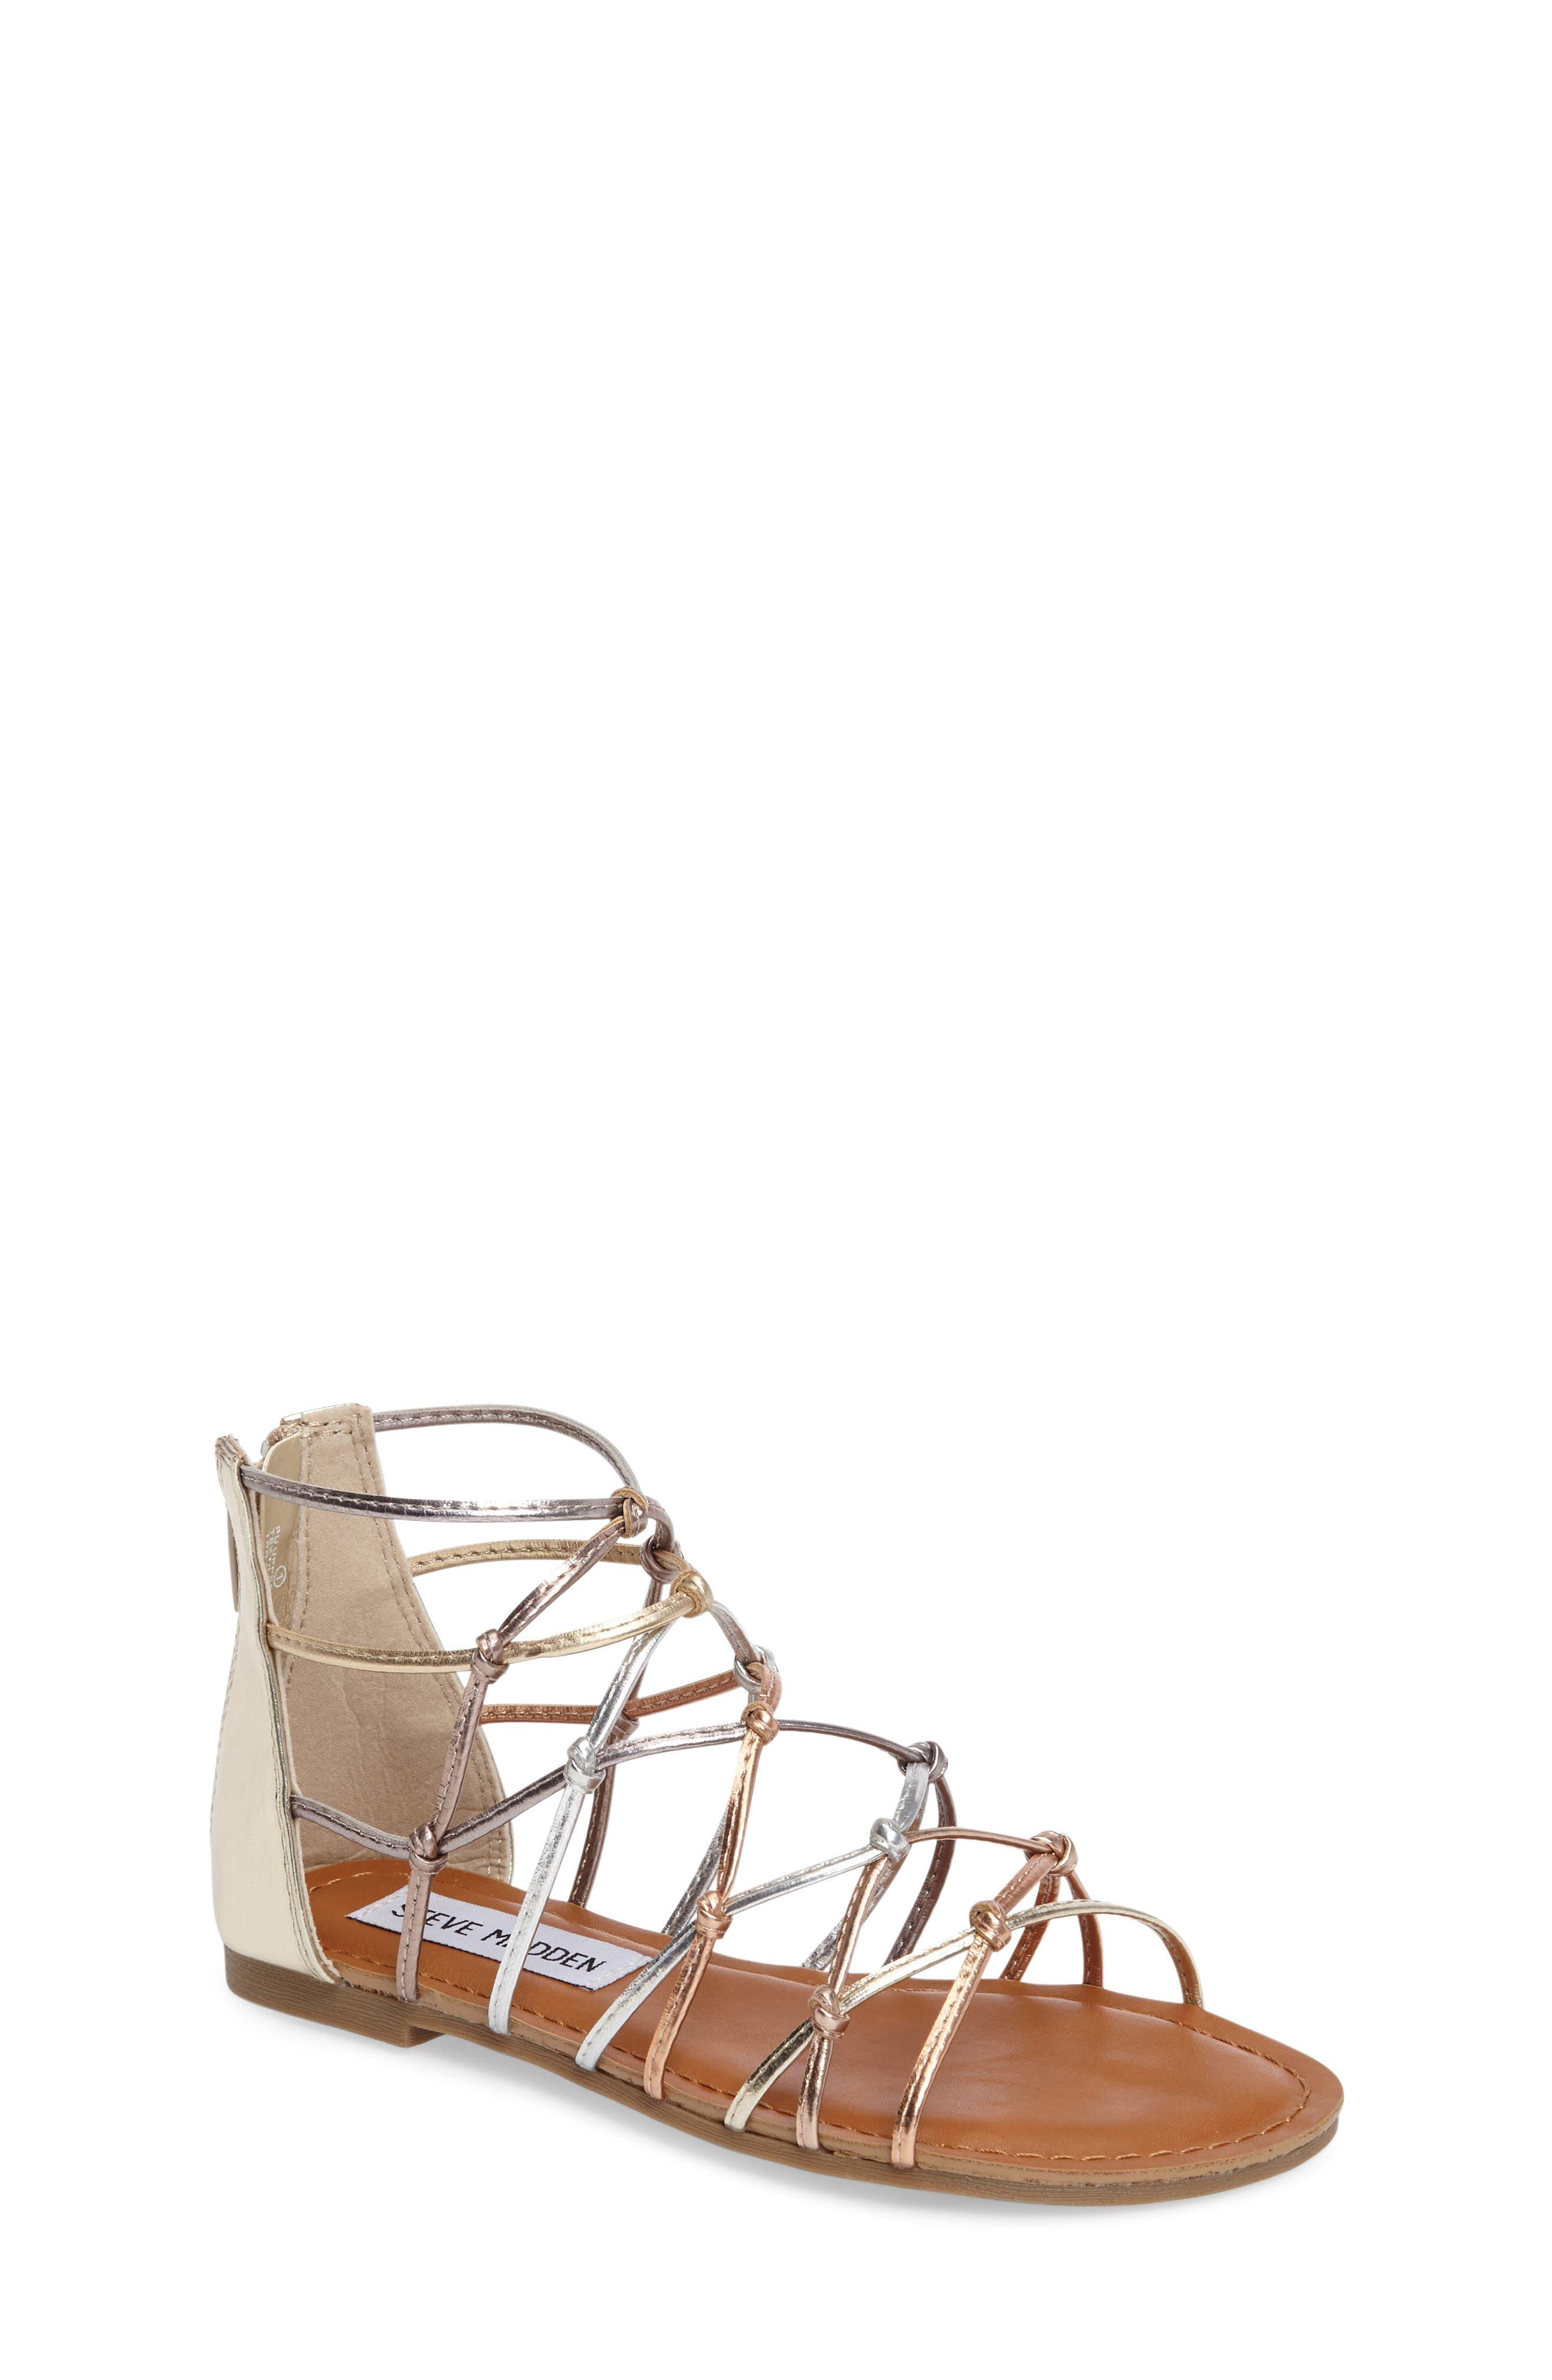 STEVE MADDEN Mistic Sandal